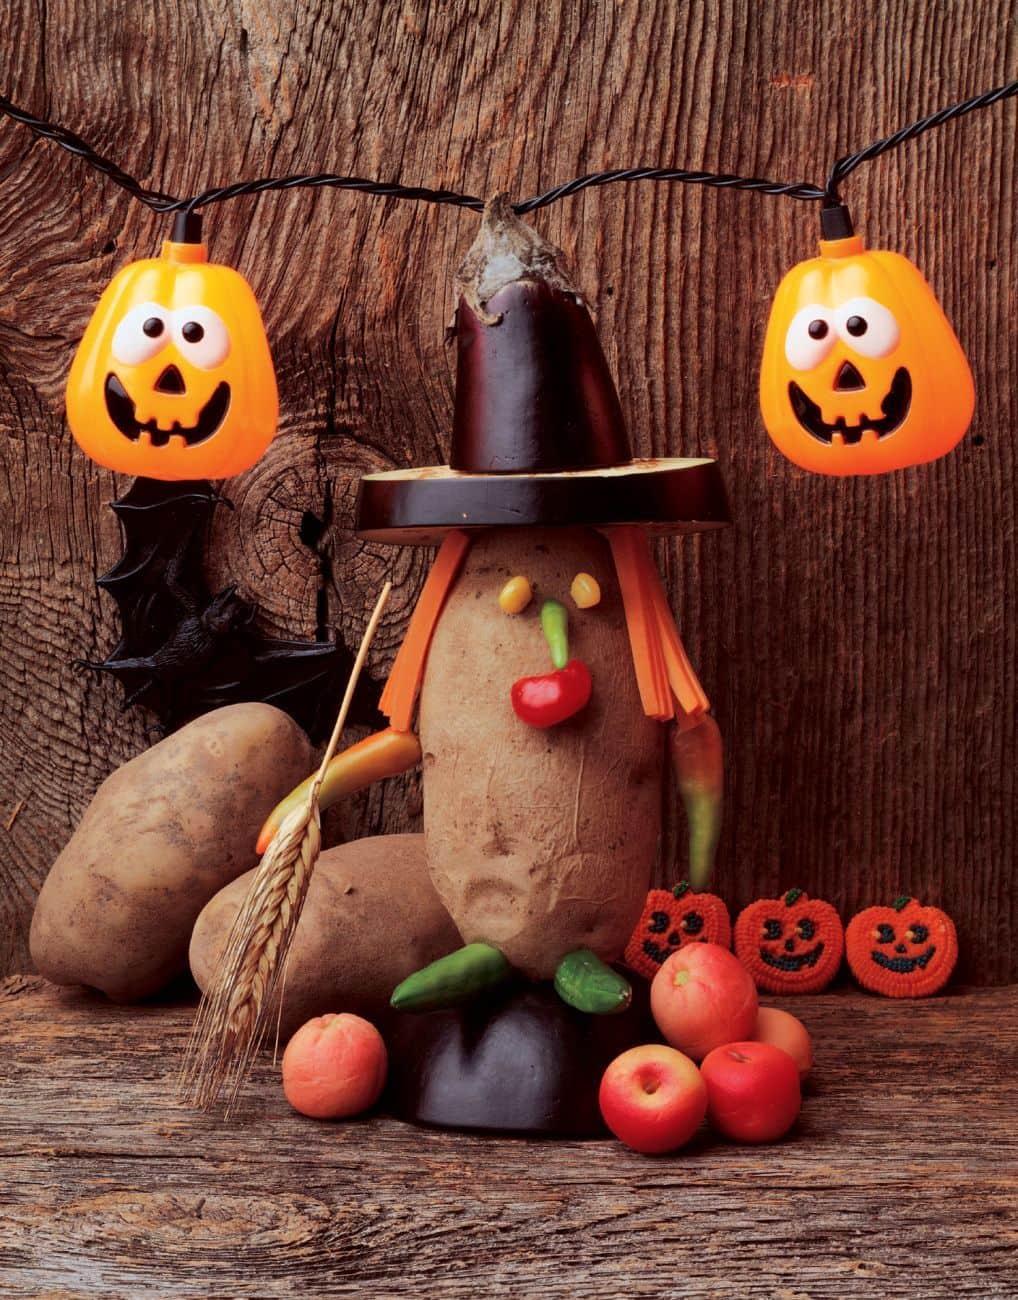 spooky spuds